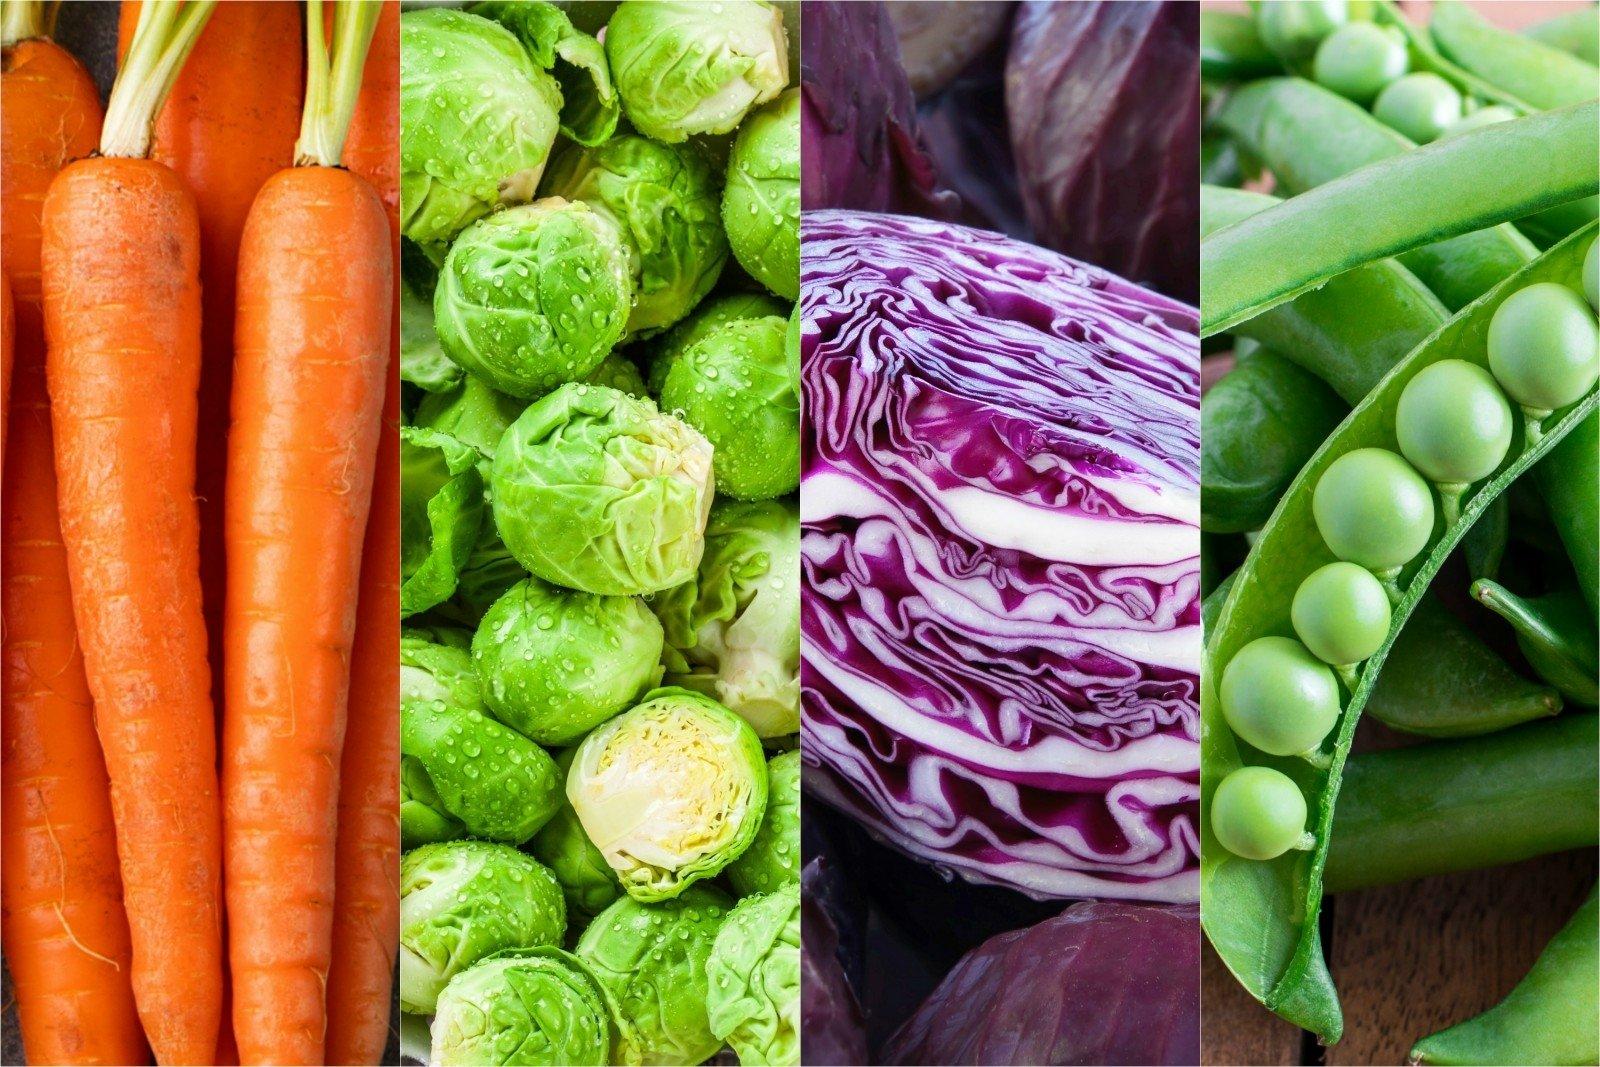 Vyrai turėtų atsakingiau rinktis, ką deda į burną: 6 sveikiausi maisto produktai